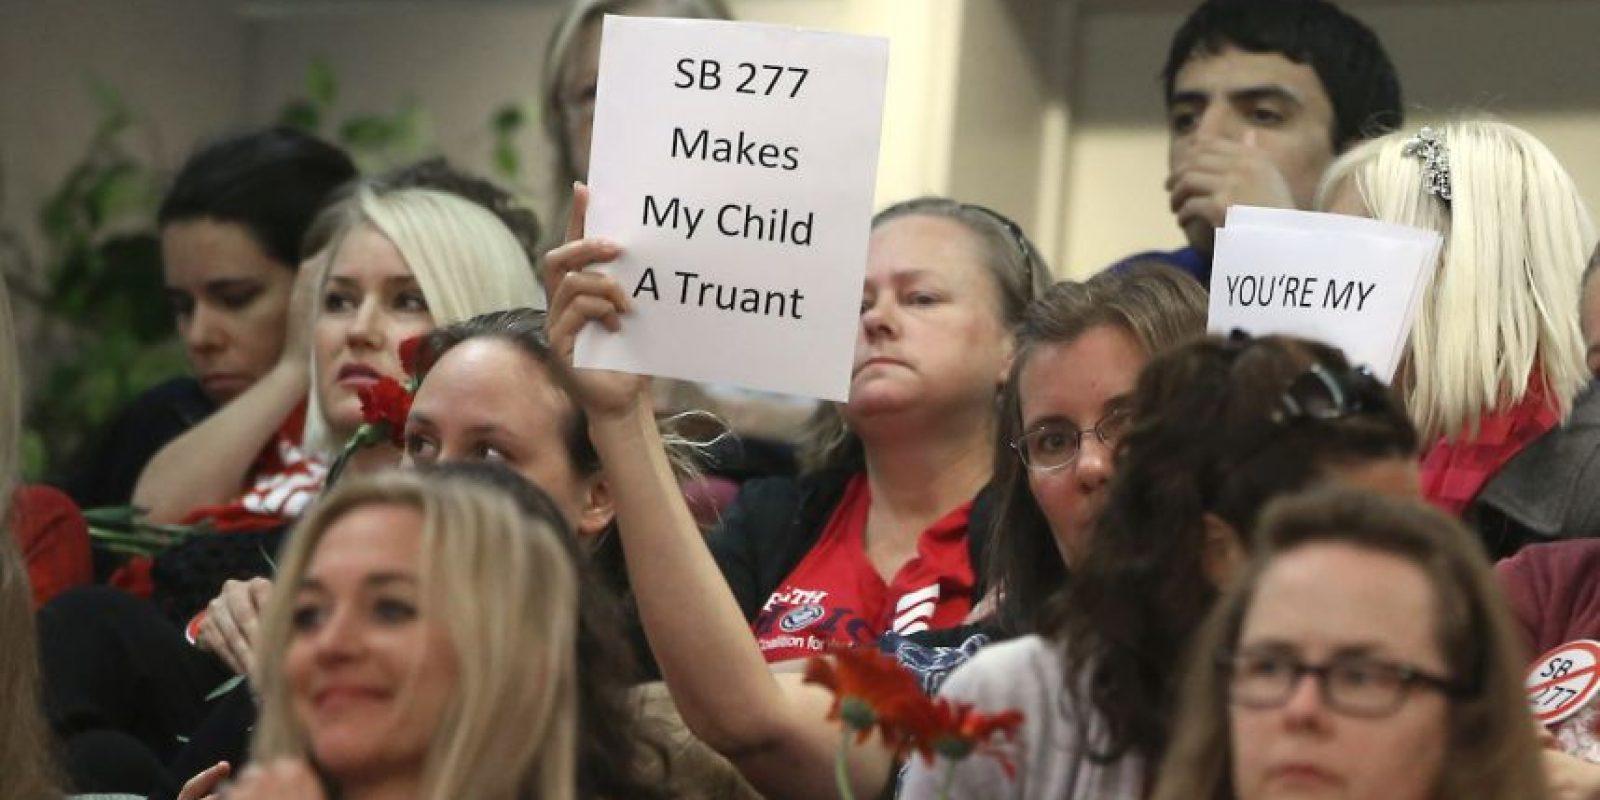 Madres se oponen a las vacunas mediante carteles. Foto:AP